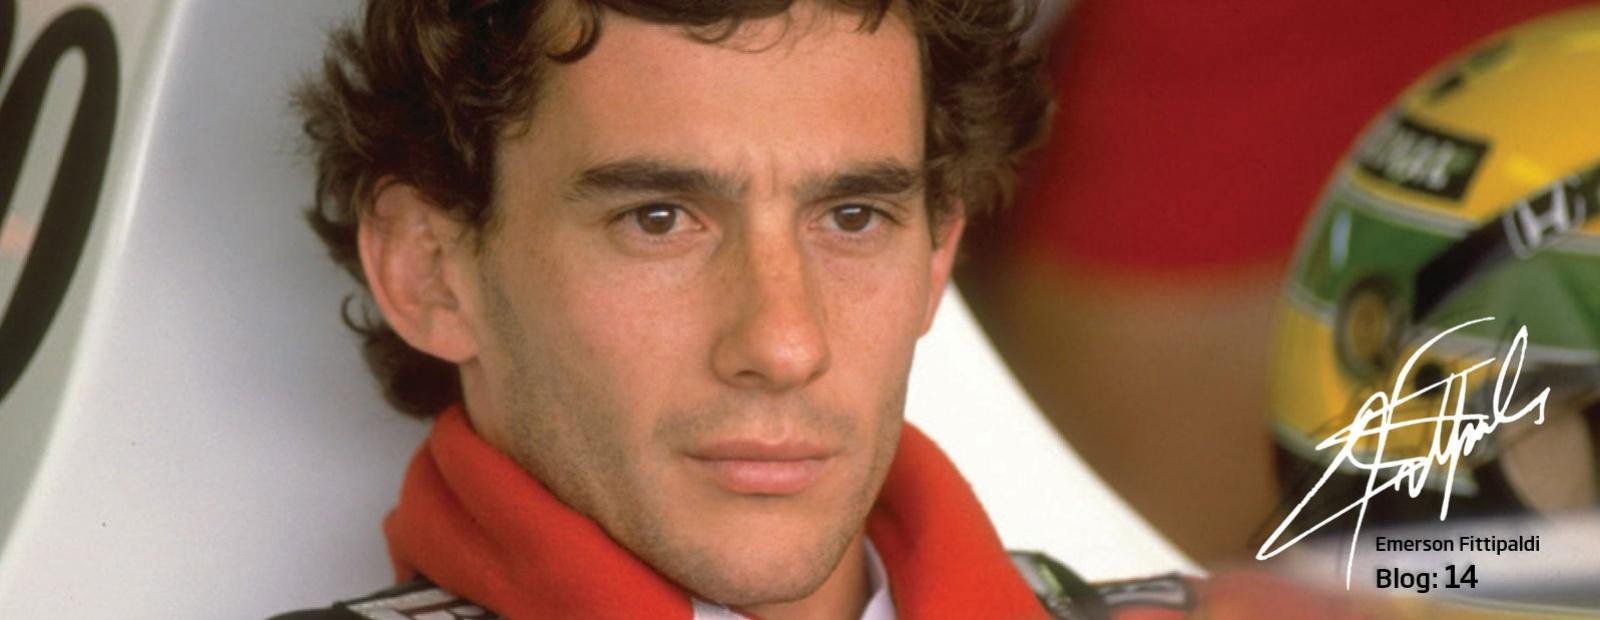 Emmo on Ayrton: Imola '94, 20 years on